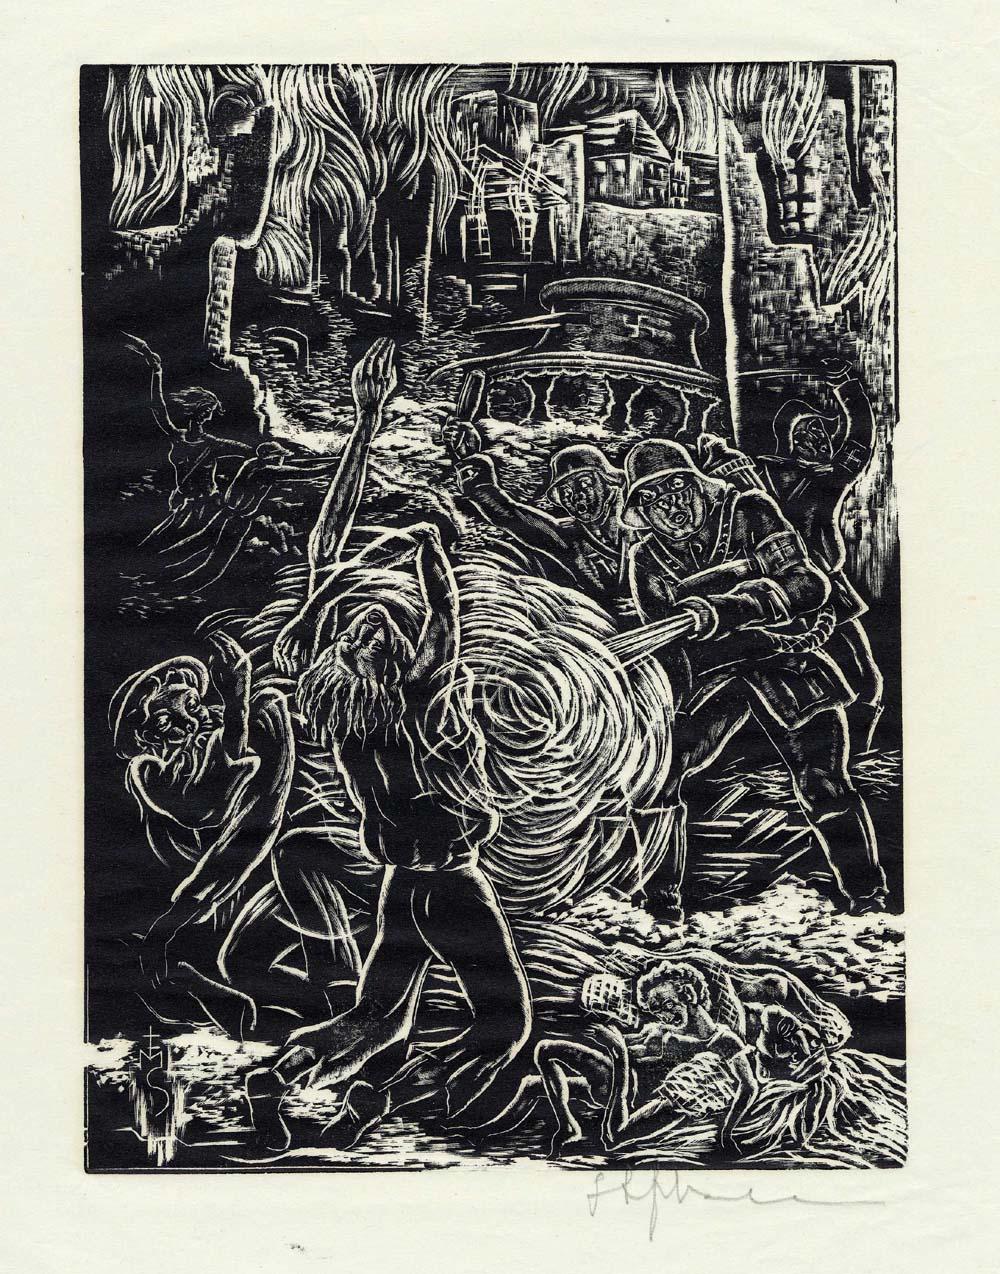 ''Le désespoir et la mort'', estampe réalisée par Stefan Mrozewski